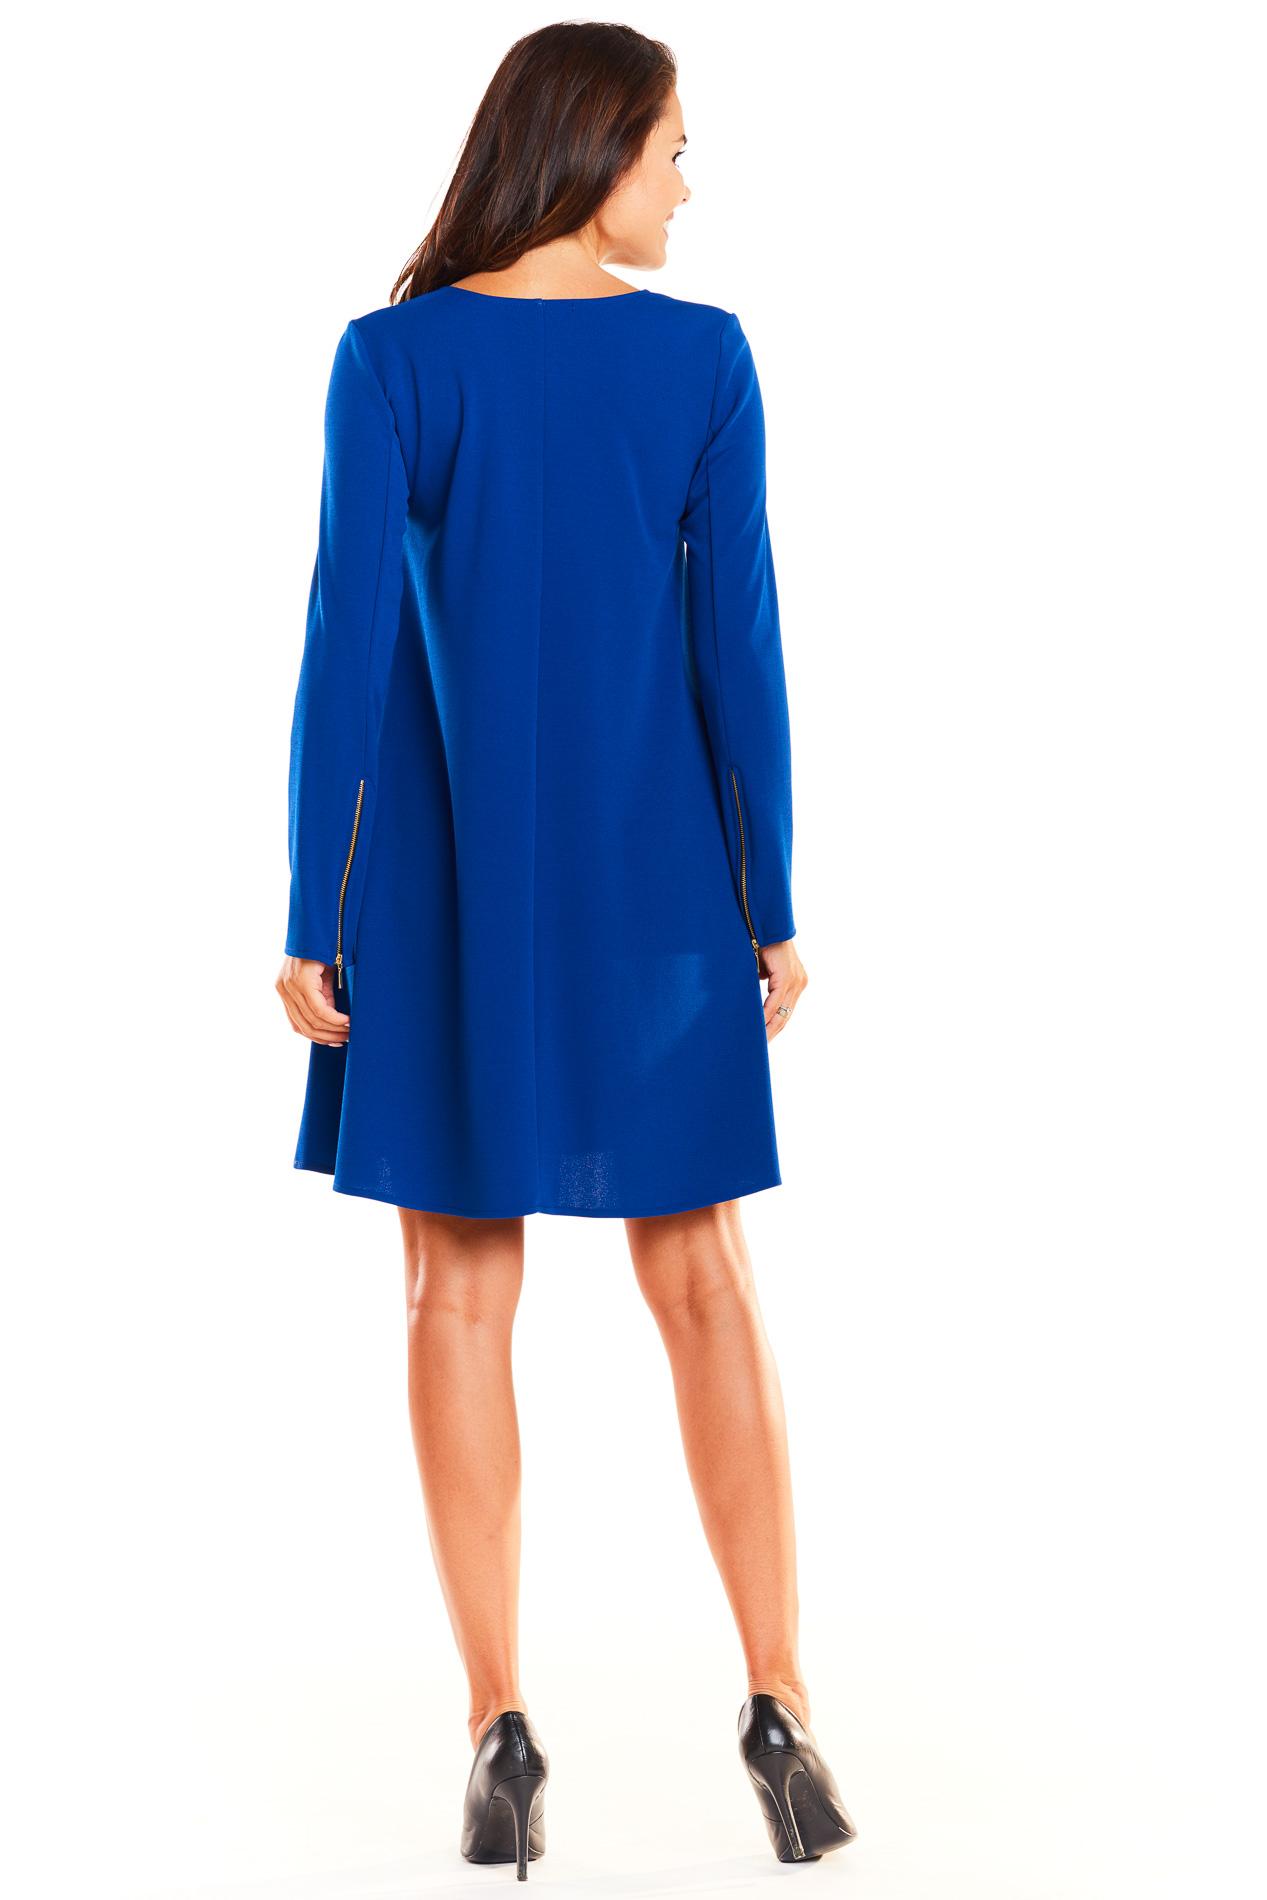 c9c03c4443 Elegancka rozkloszowana sukienka fason A niebieska - kurier od 5